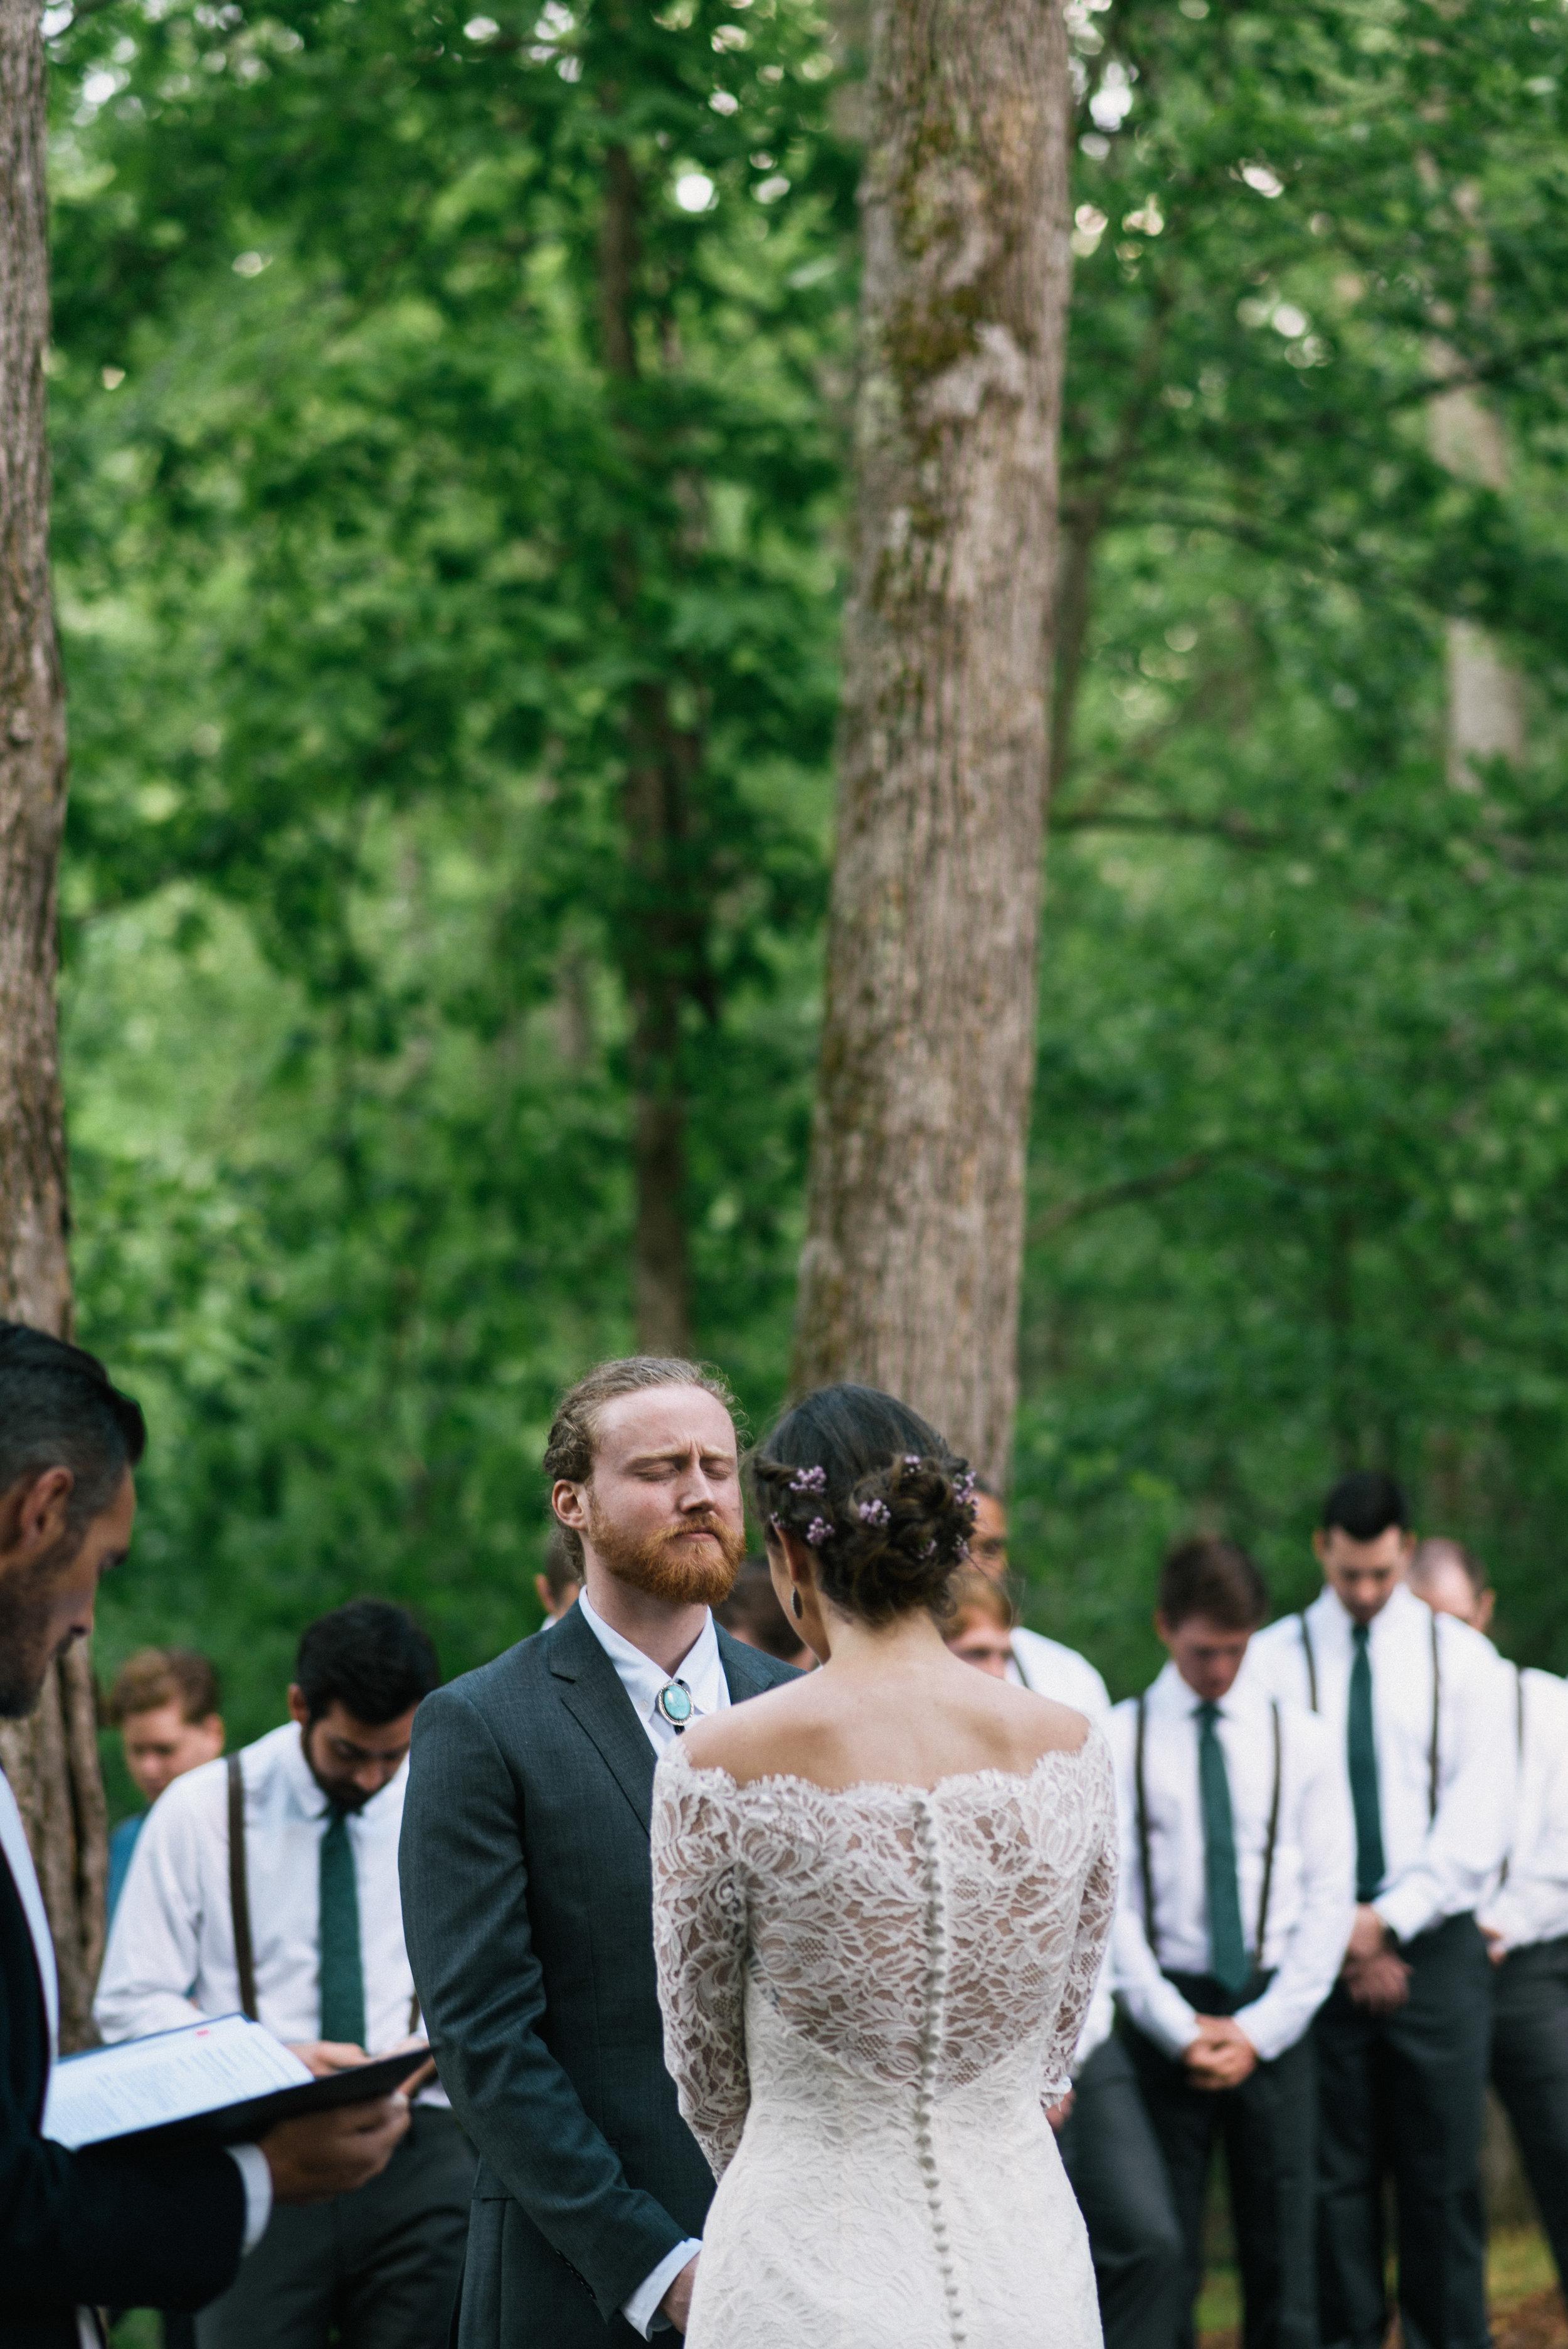 raleigh-elopement-photographer-raleigh-durham-wedding-maddie-and-devin- (107 of 162).jpg